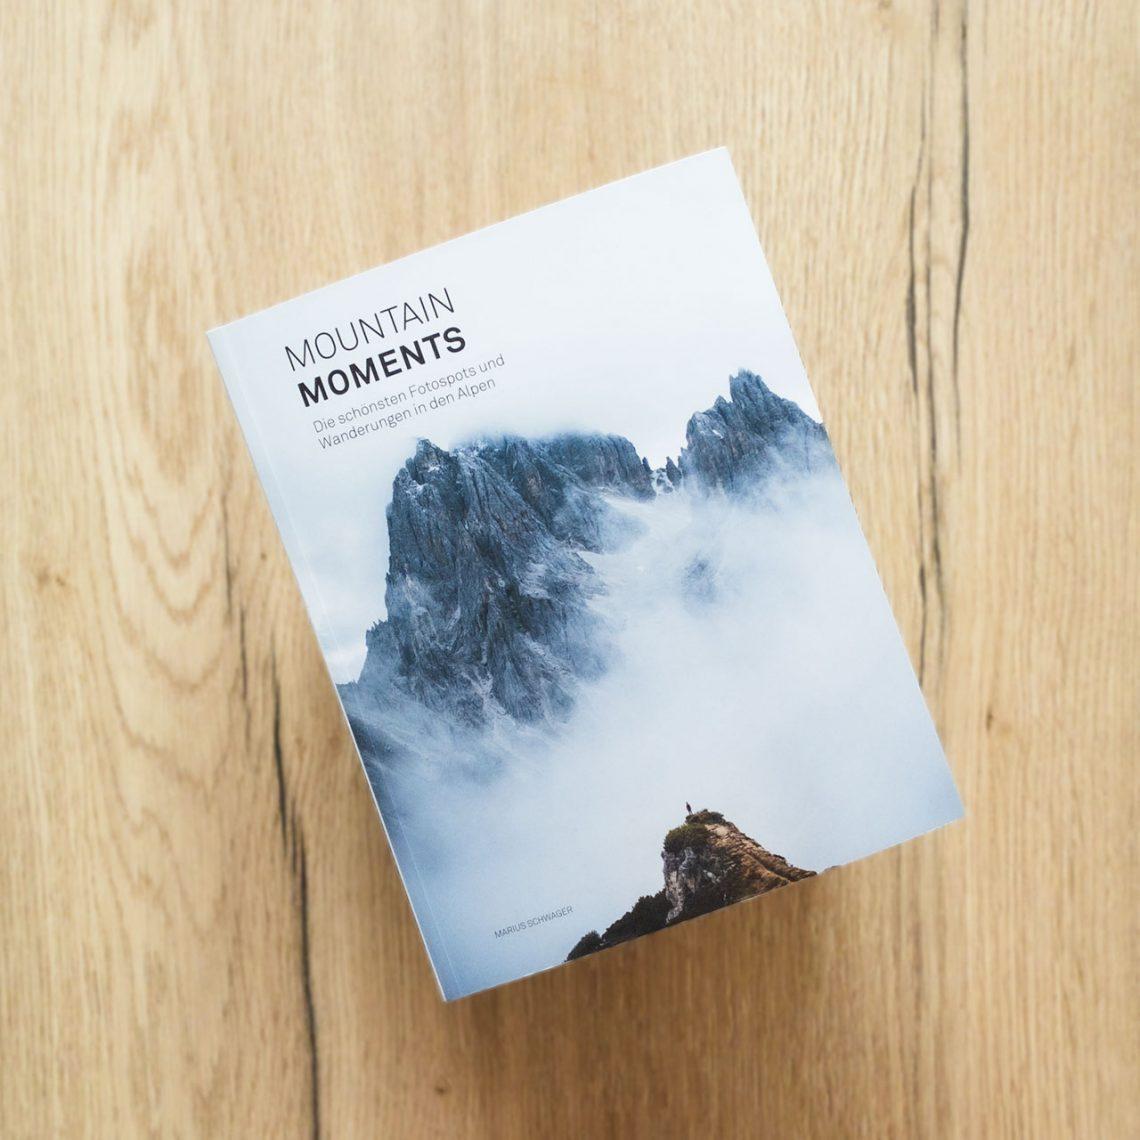 Mountain Moments von Marius Schwager, Einband © Eigenverlag, 2020